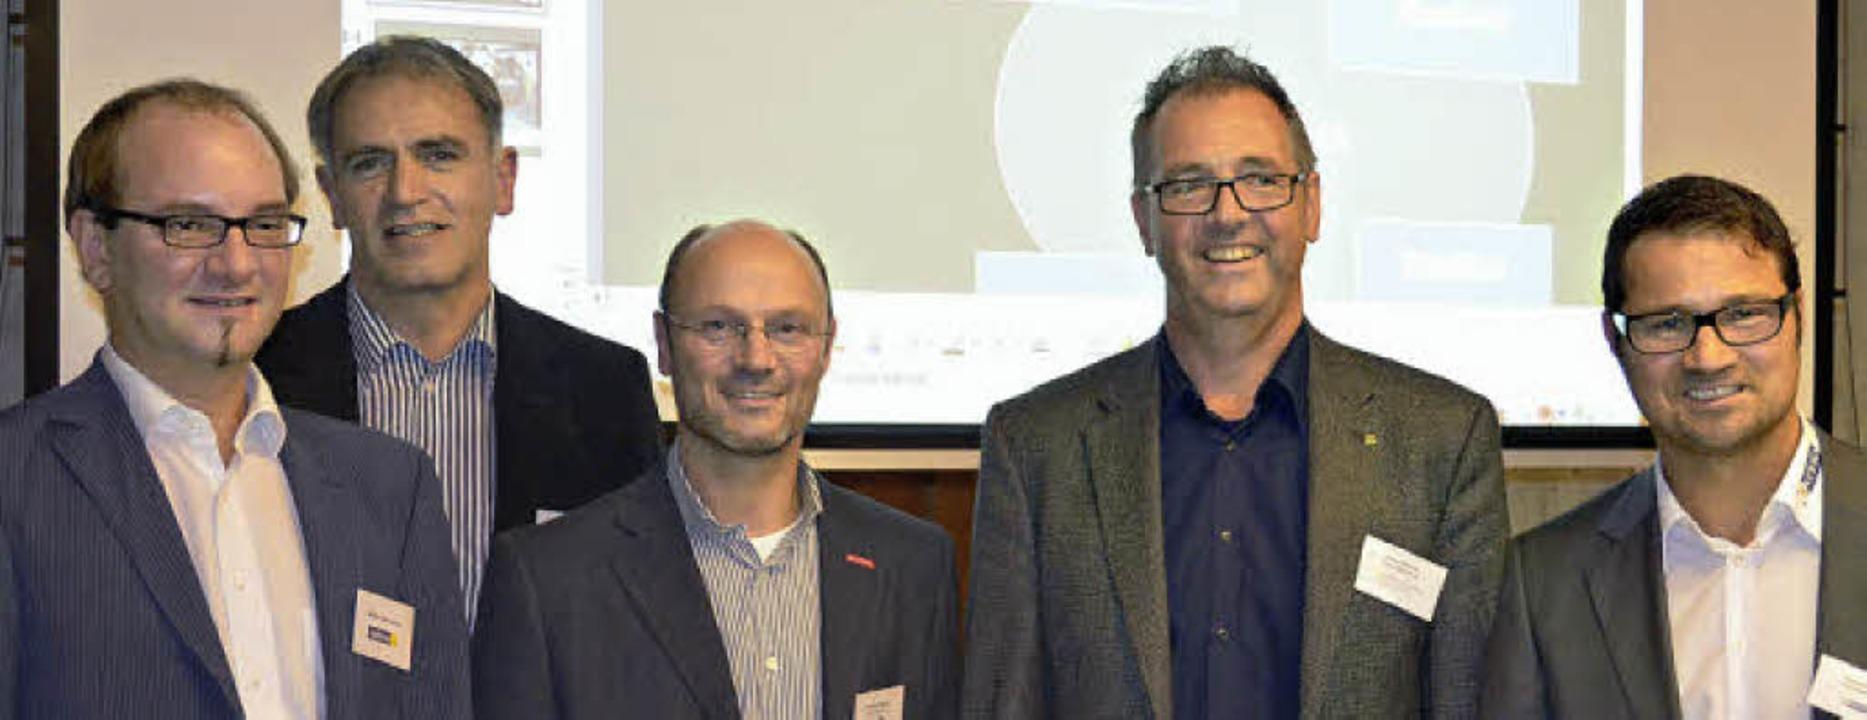 Die Teilnehmer an den 7. Bleibacher Ba...rchitekt Klaus Wehrle und Gerold Huber  | Foto: Nikolaus Bayer